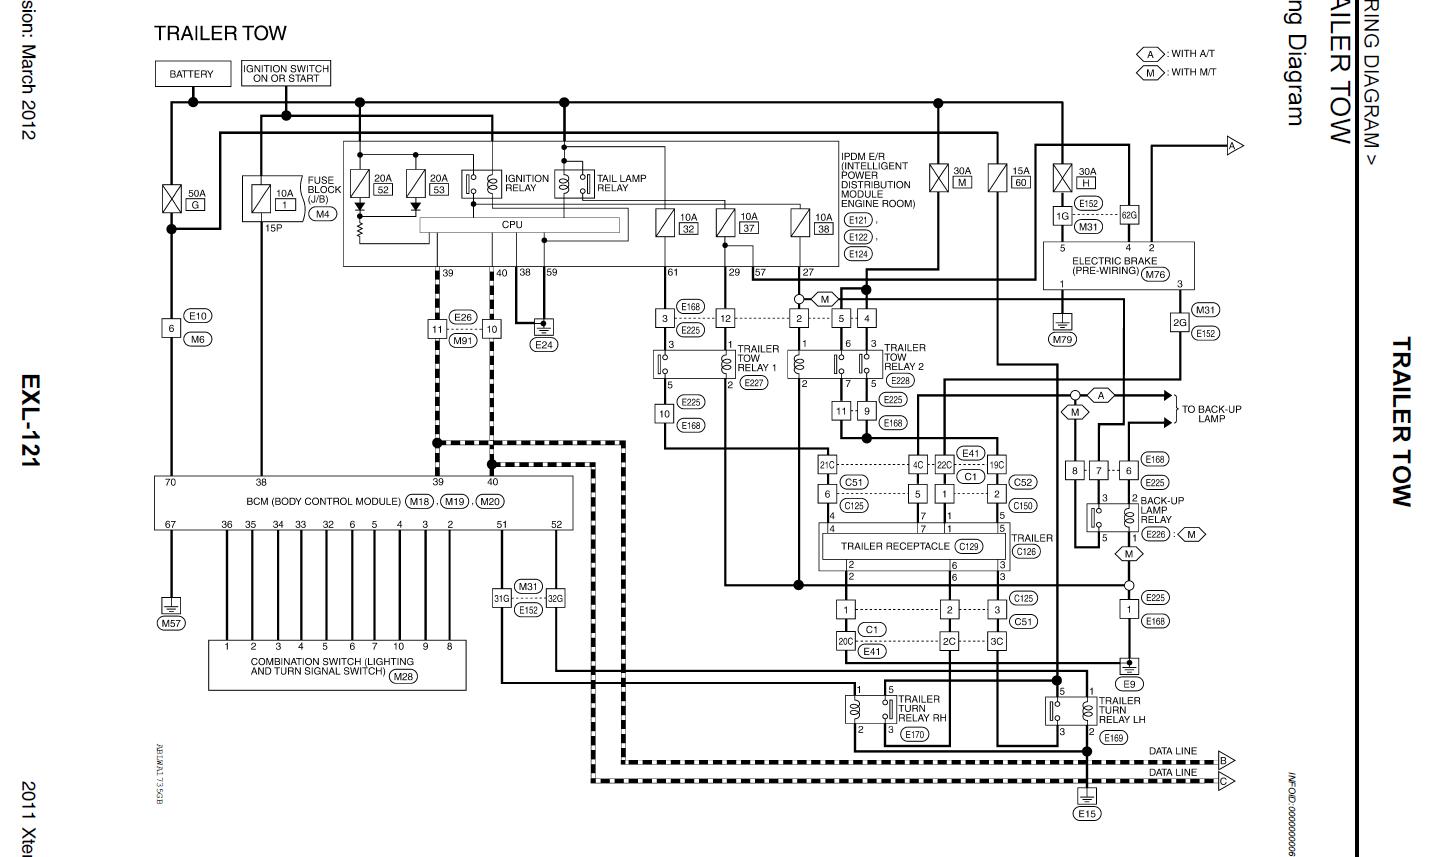 2006 Nissan Frontier Trailer Wiring Diagram